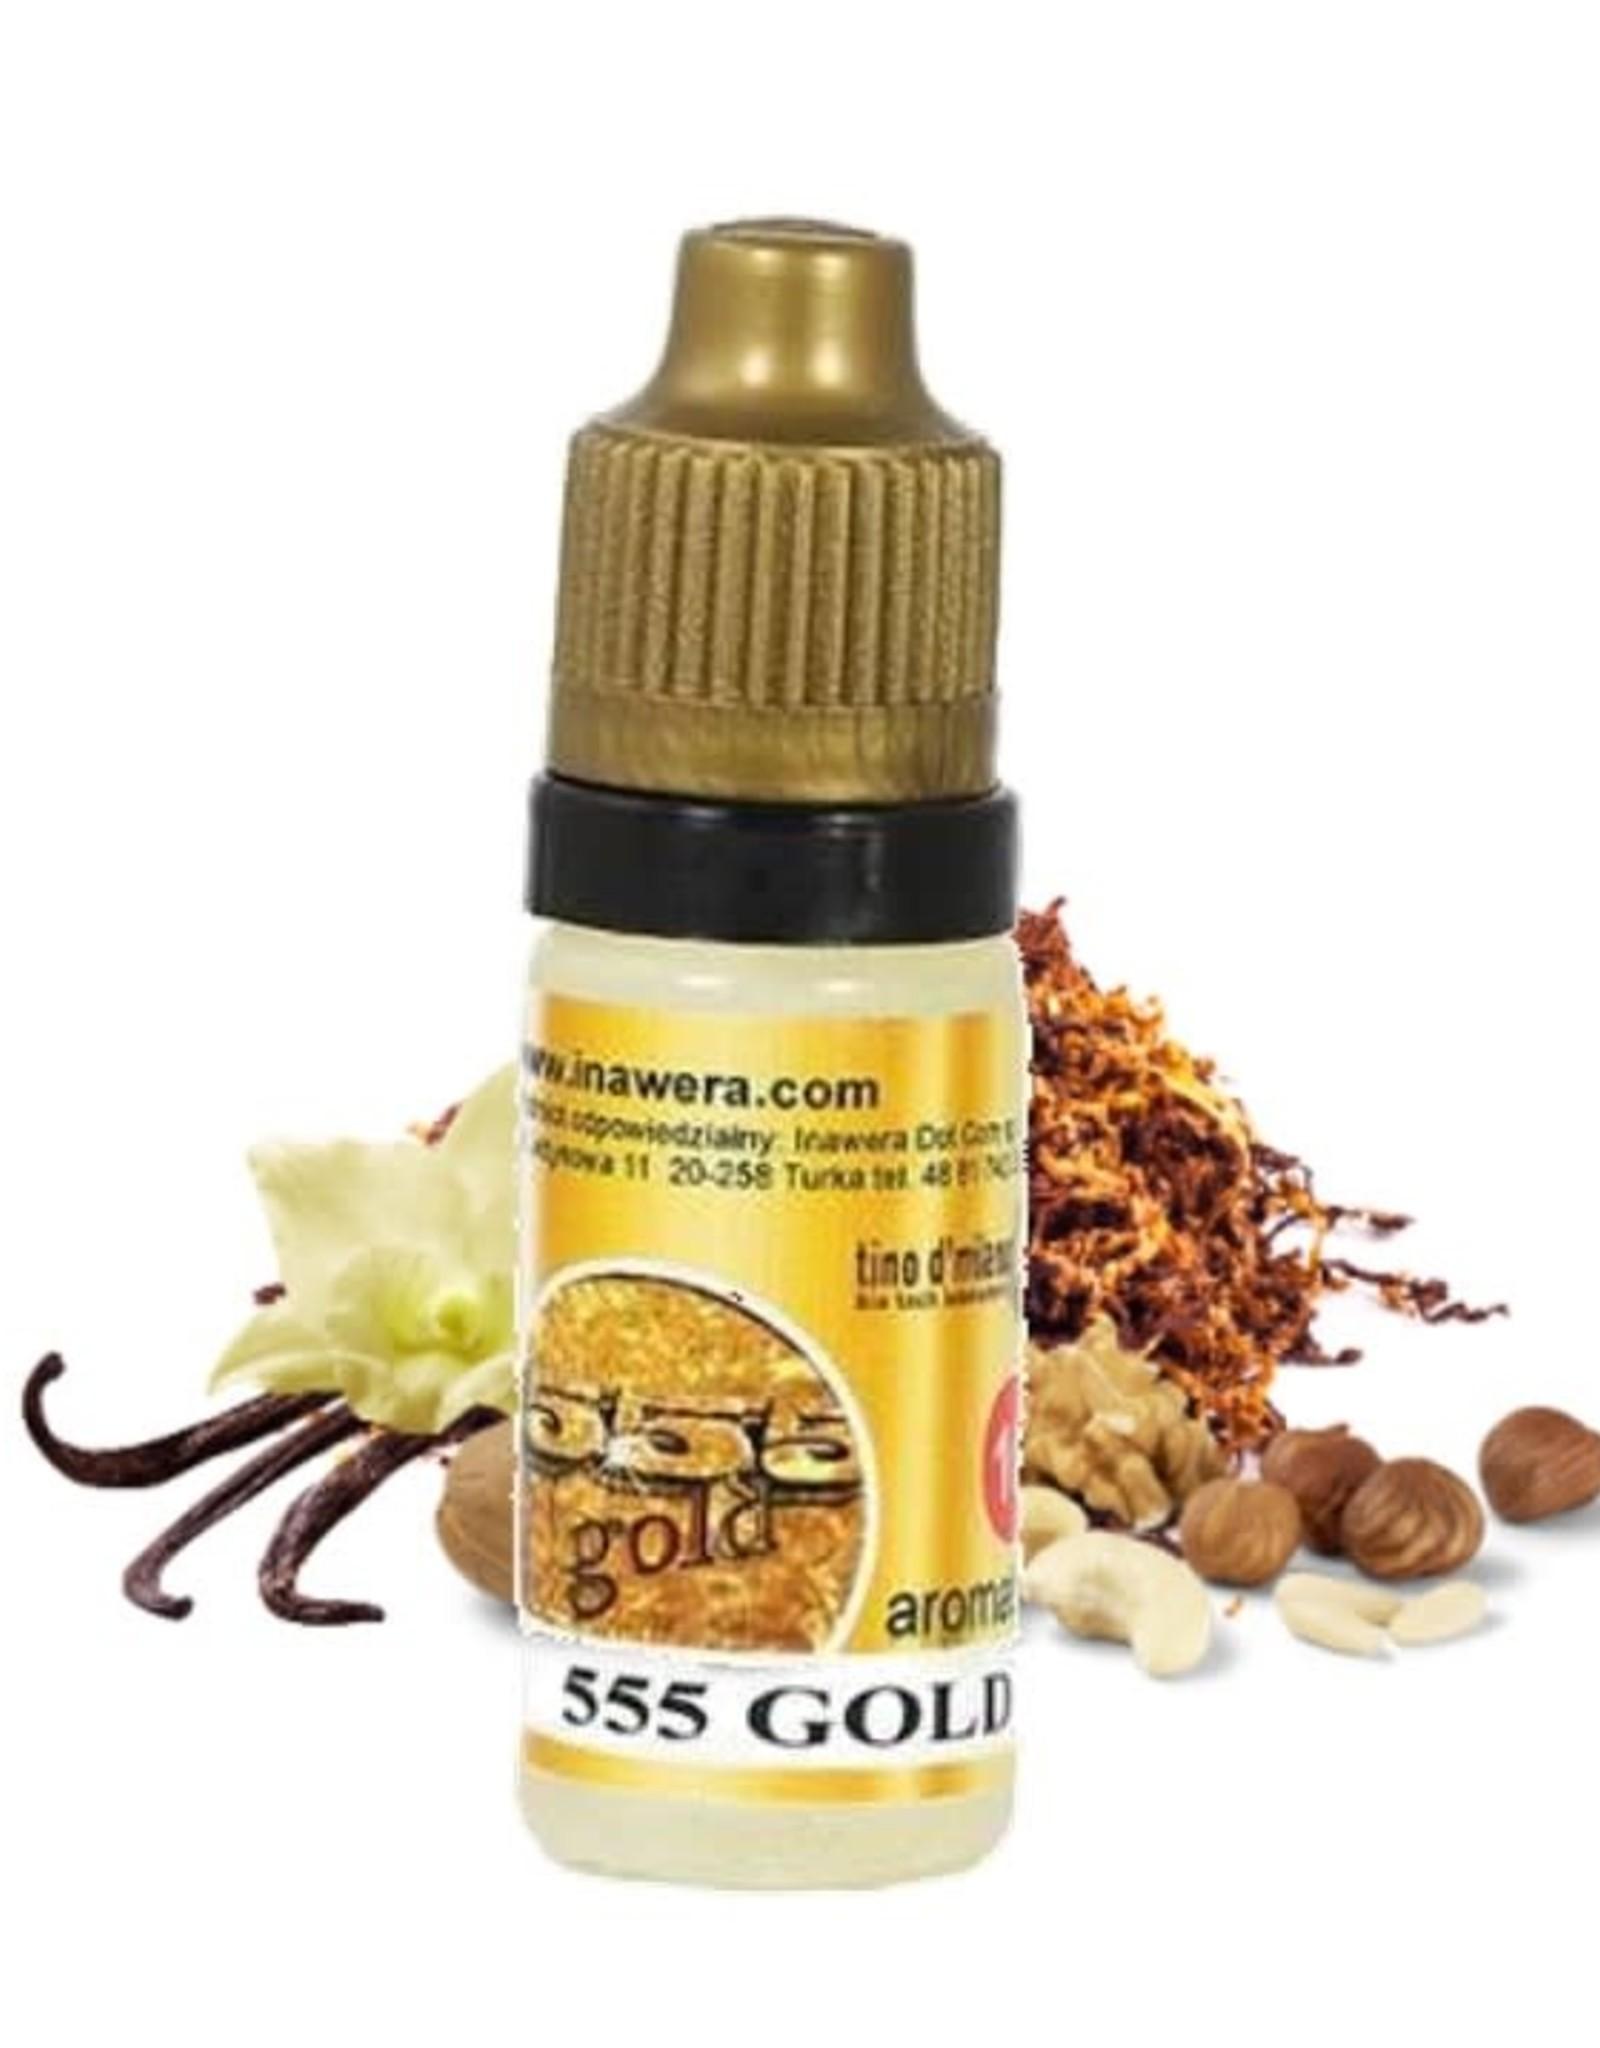 Inawera Inawera - 555 Gold Aroma 10ml